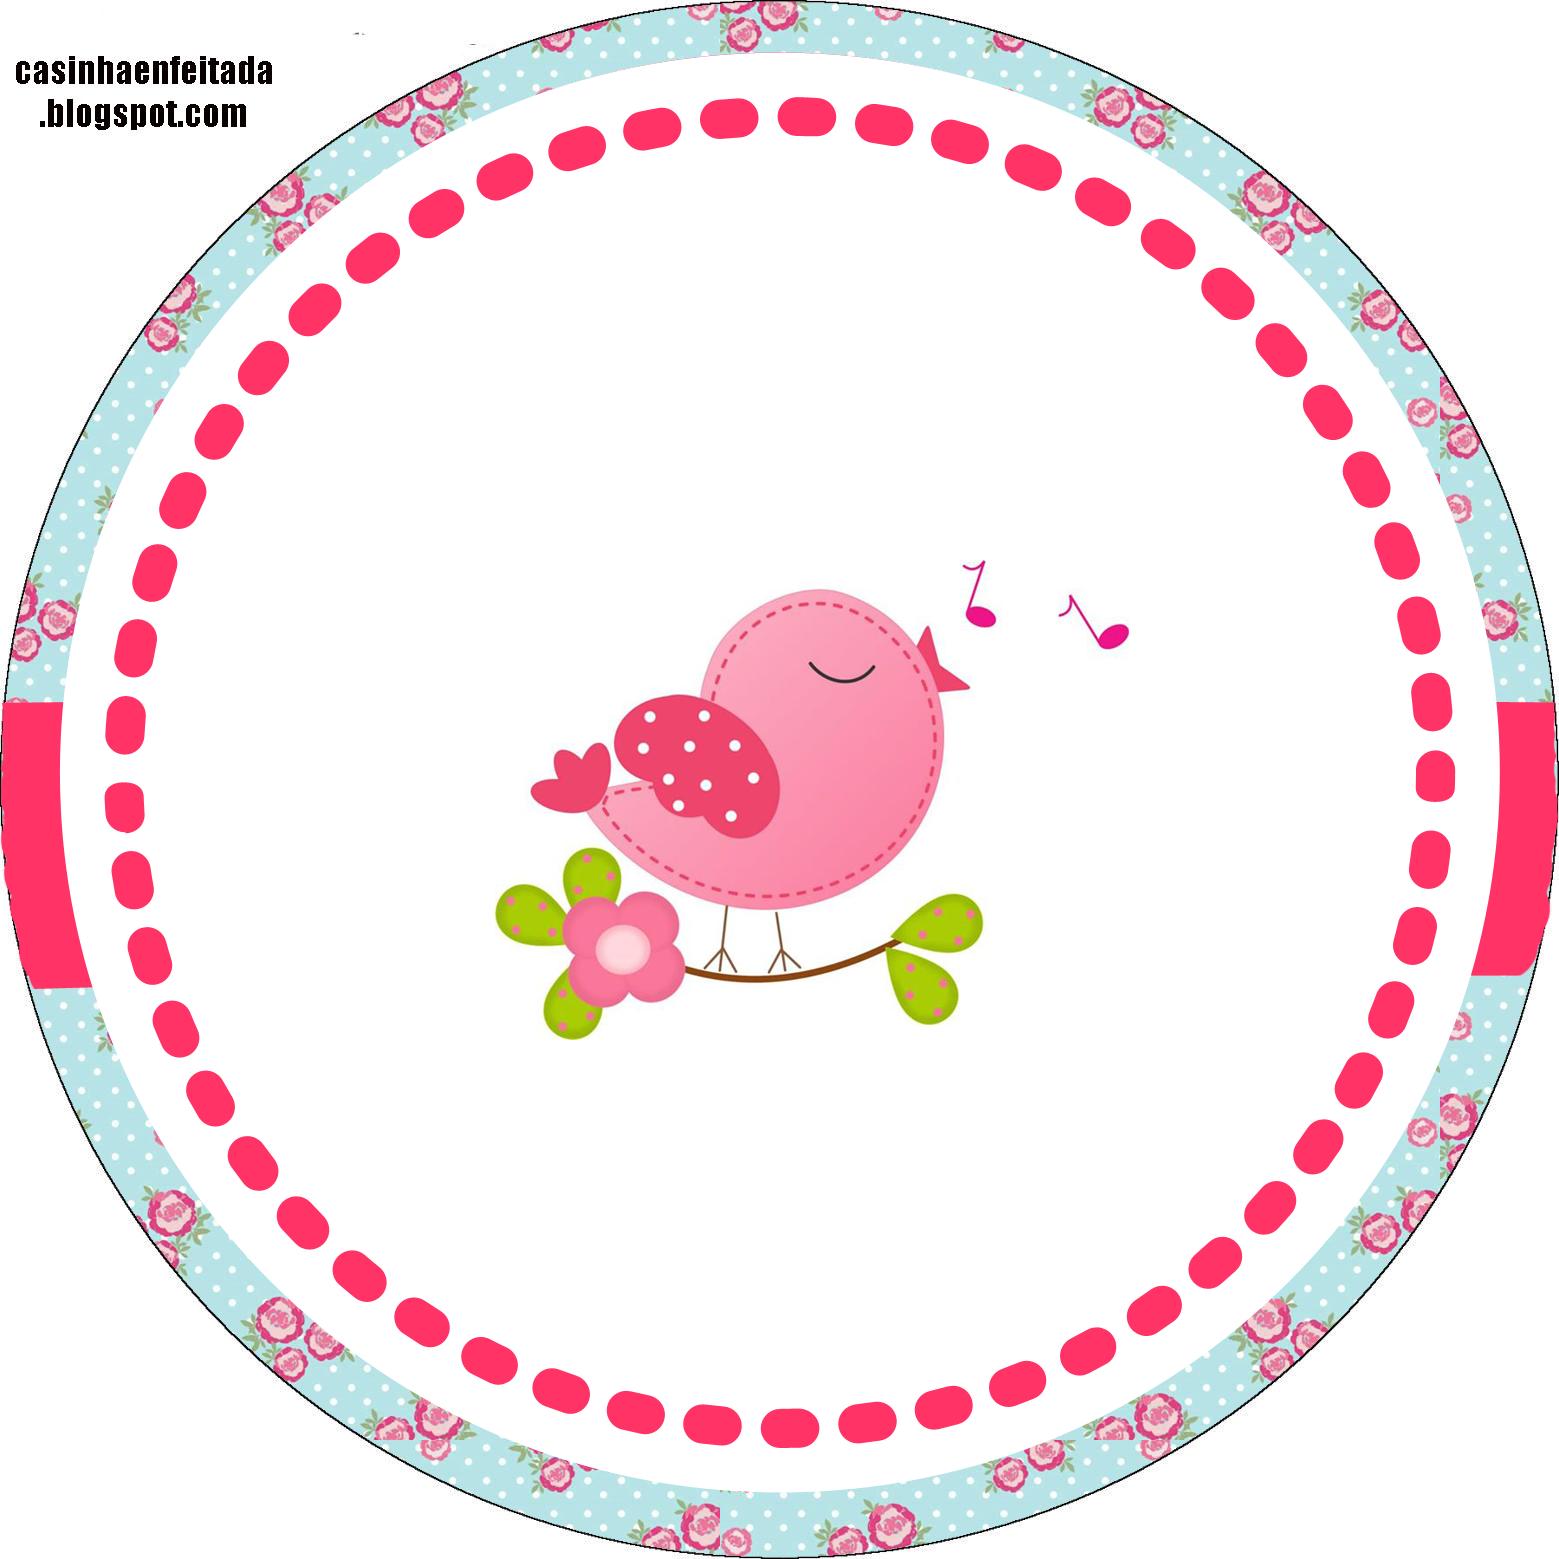 Armario Oriental Barato ~ Kit Festa Passarinhos Para Imprimir Grátis Festa passarinho, Casa de crianças e Kit festa